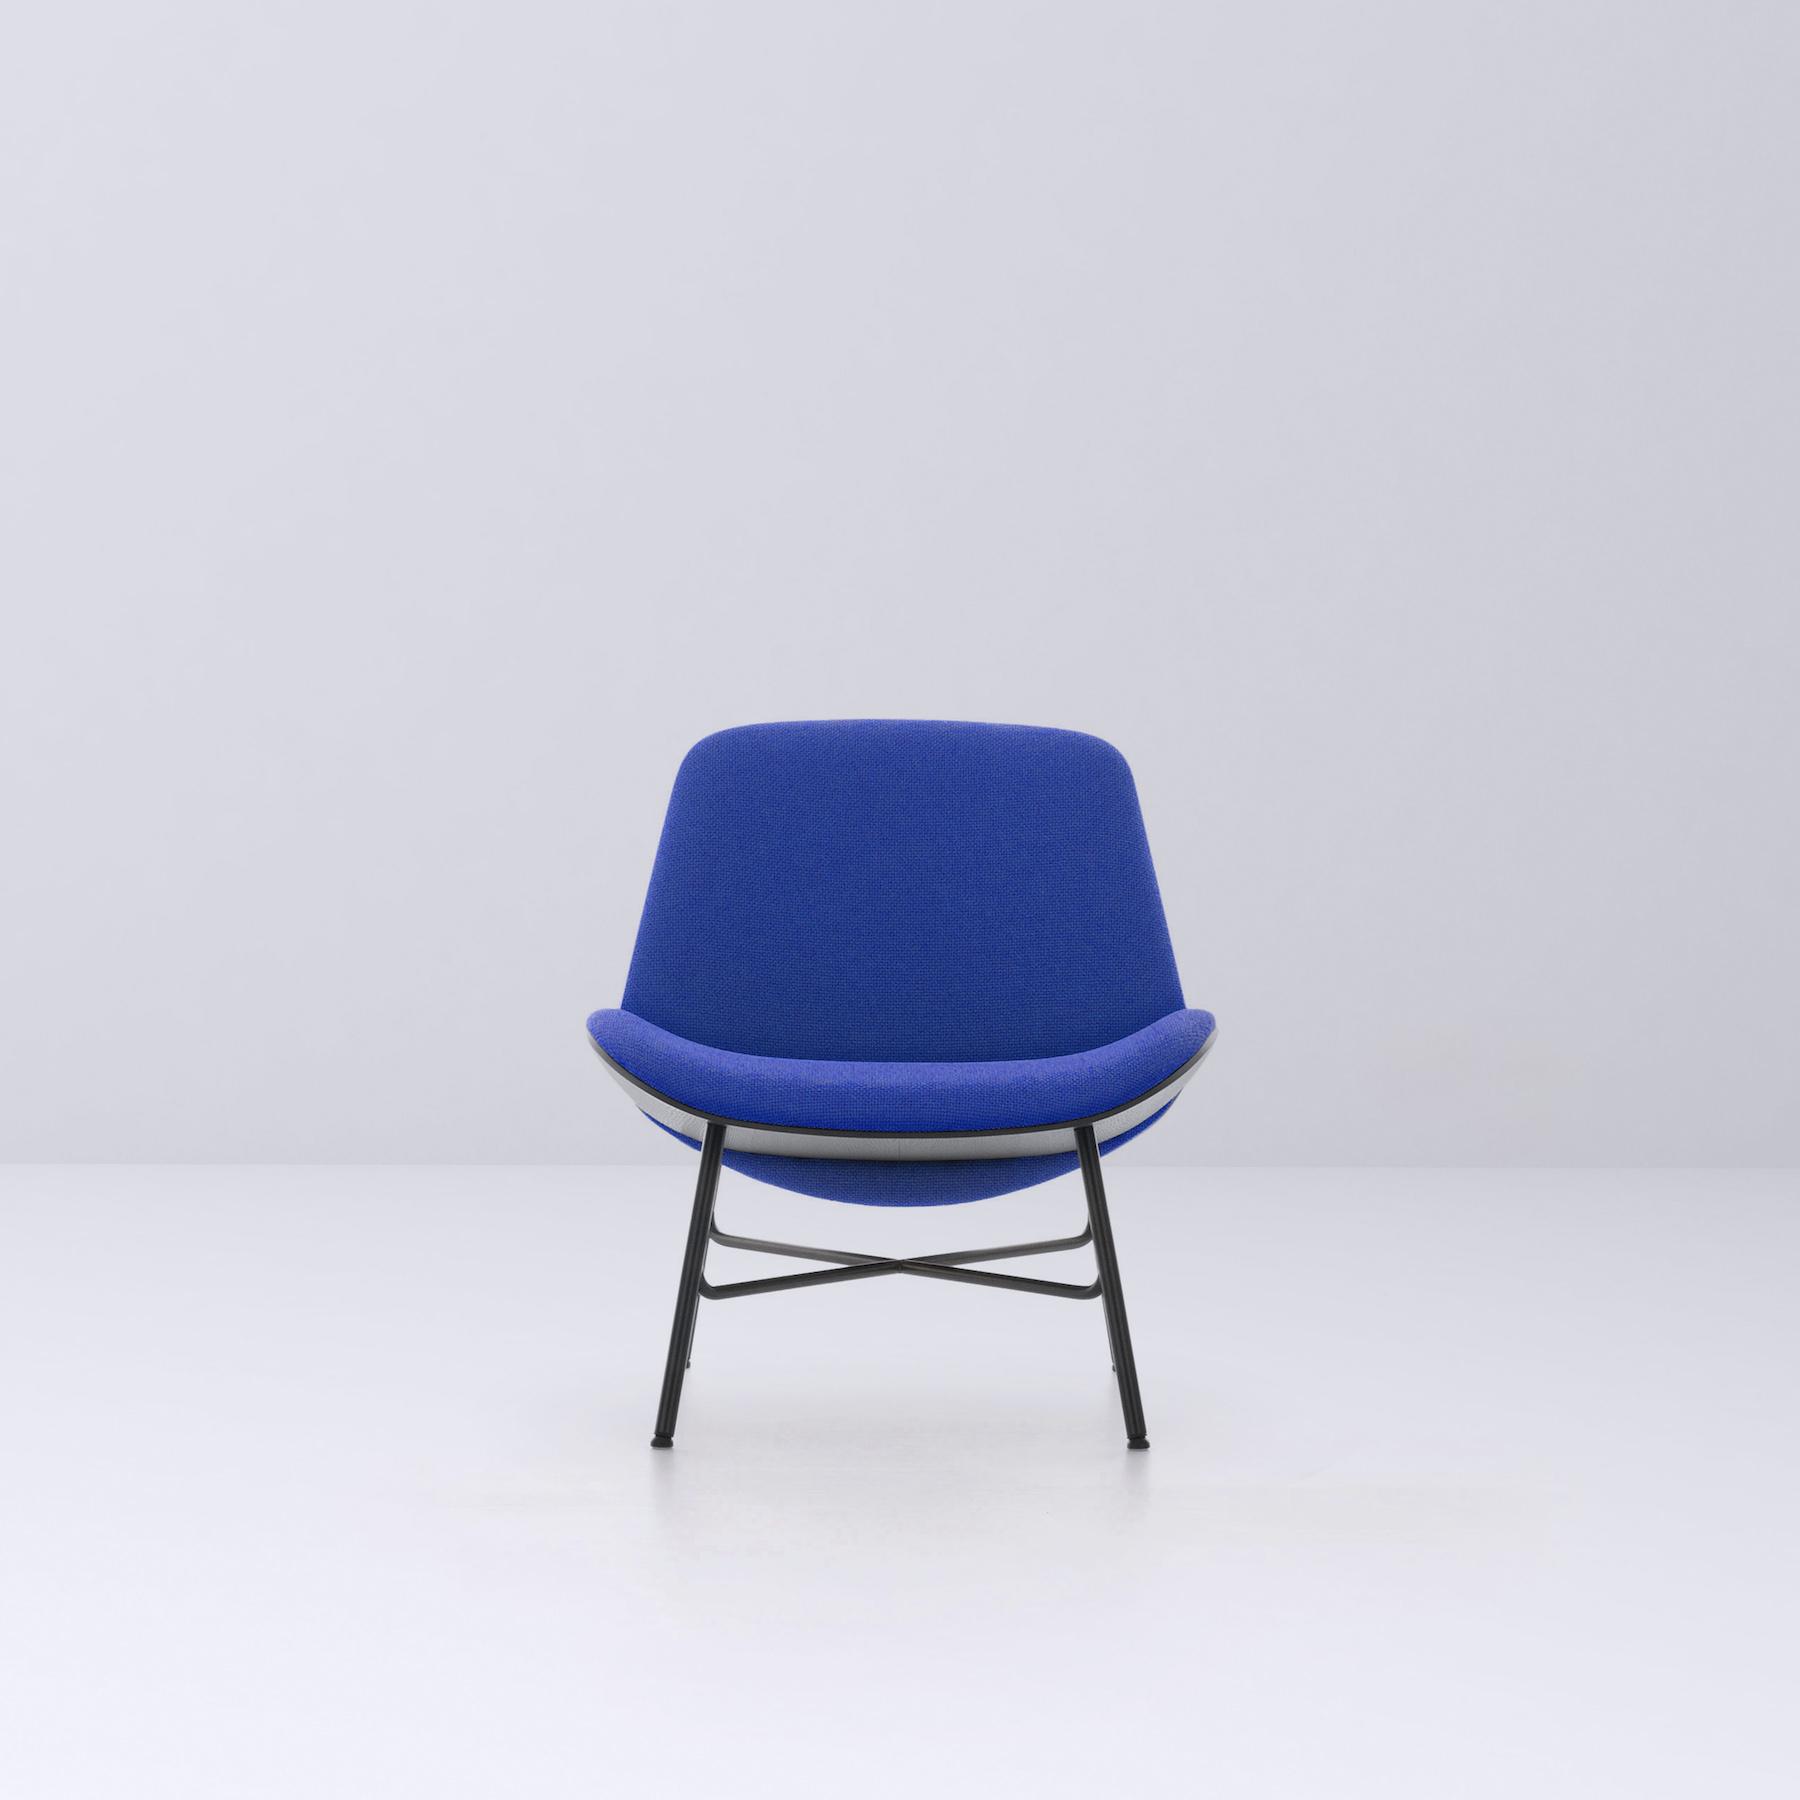 Nihan Chair by Bosetti Design Studio